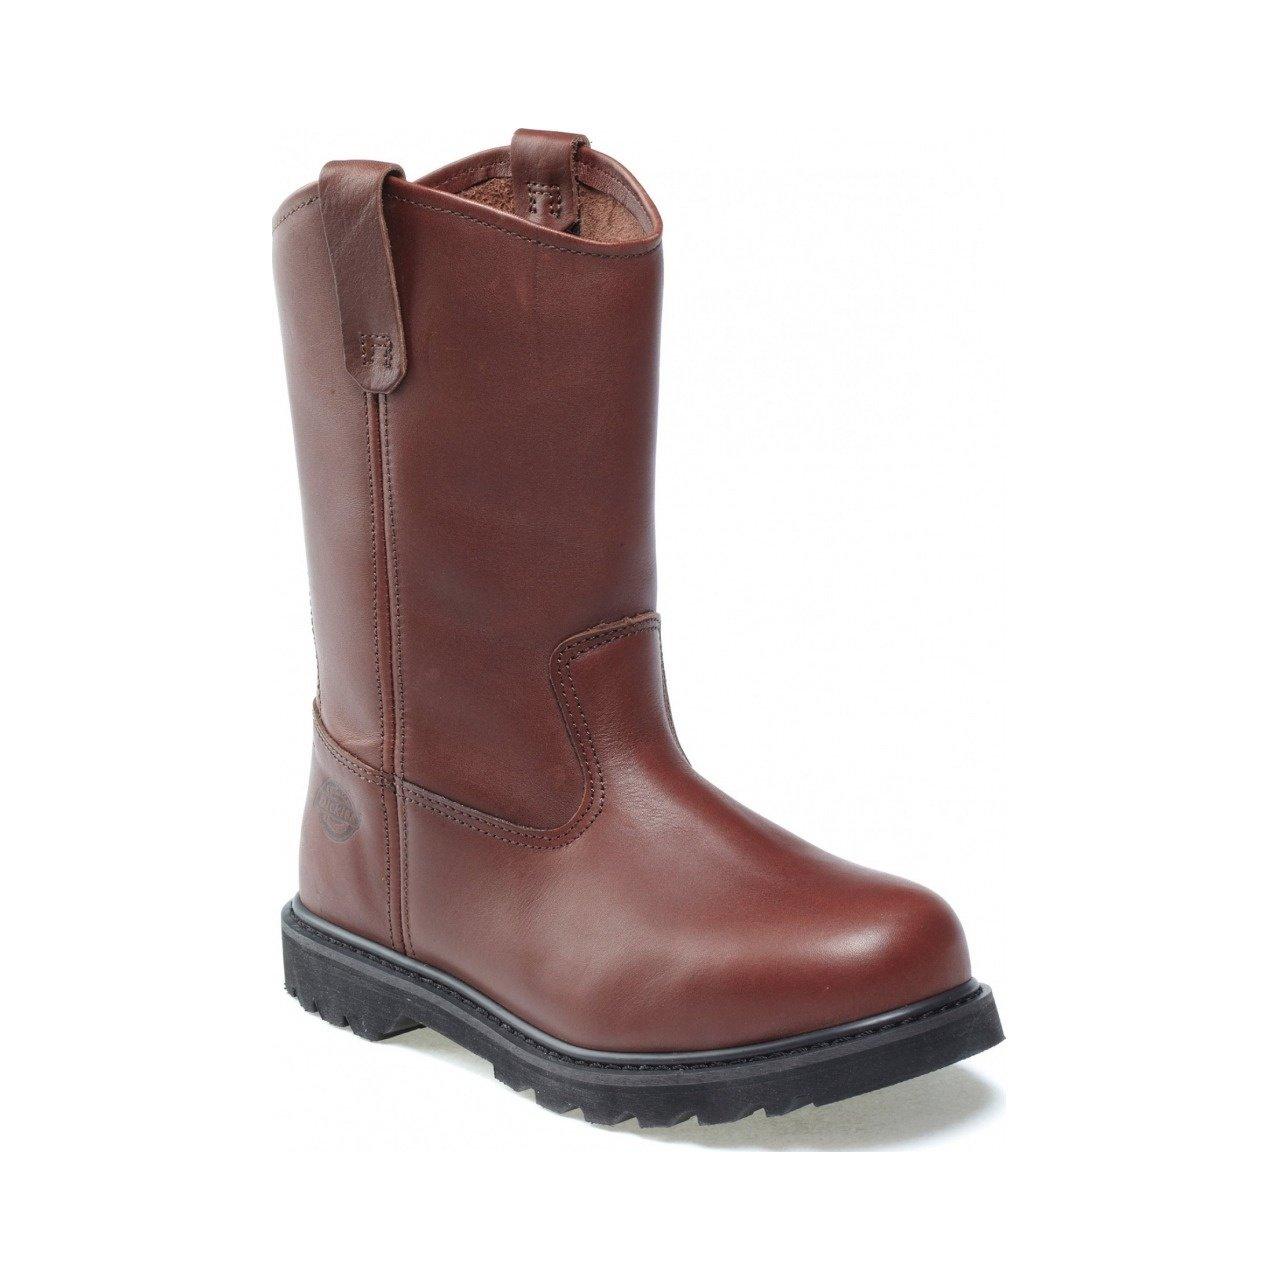 Dickies - Botas de cuero para mujer marrón marrón 35.5 8,5 UK